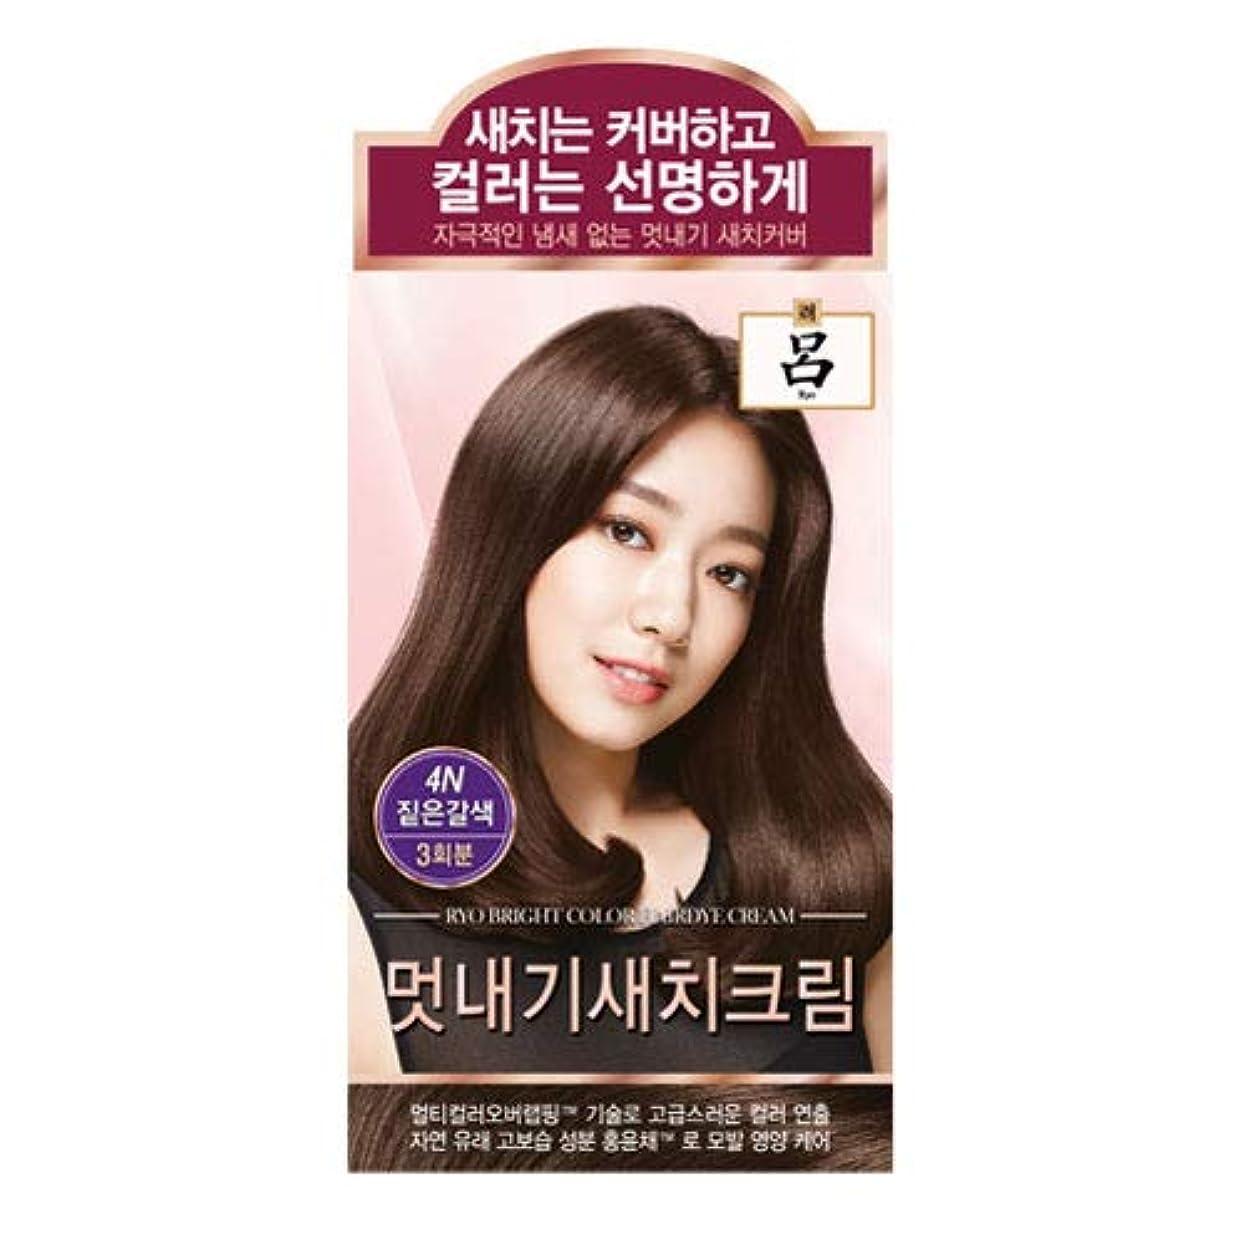 遊び場軽食人アモーレパシフィック呂[AMOREPACIFIC/Ryo] ブライトカラーヘアアイクリーム 4N ディープブラウン/Bright Color Hairdye Cream 4N Deep Brown